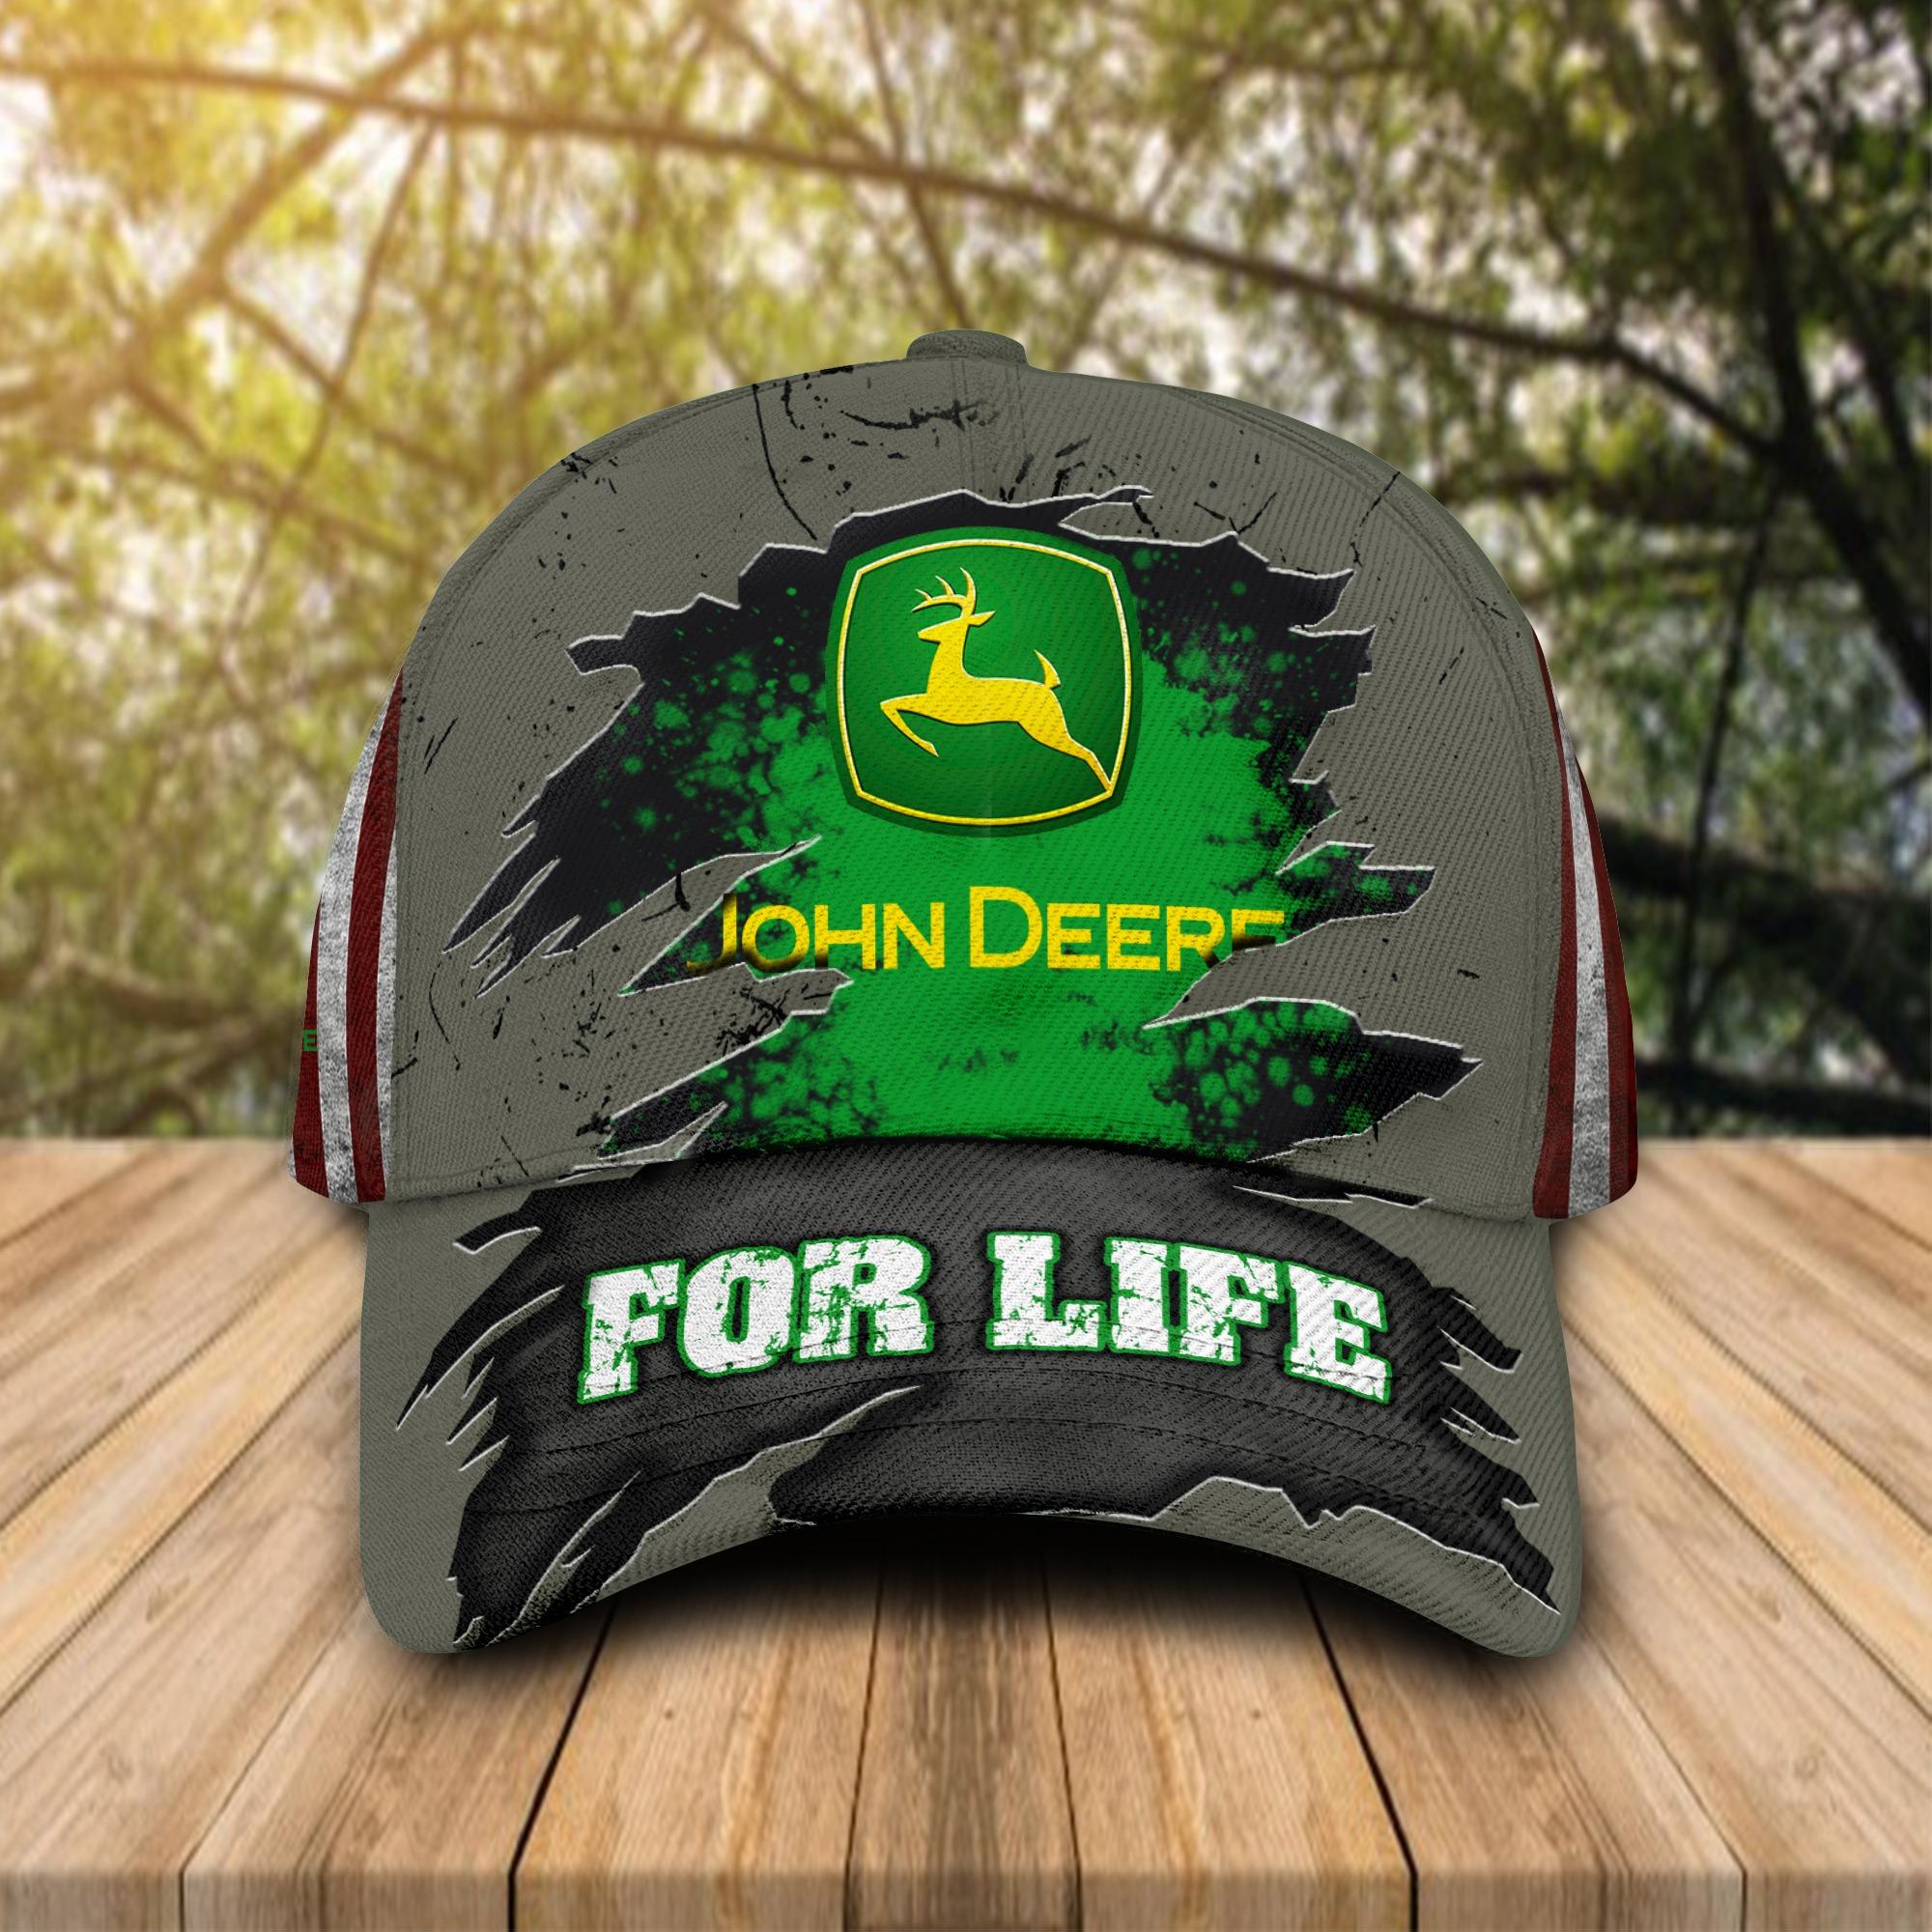 John deere for life cap 2